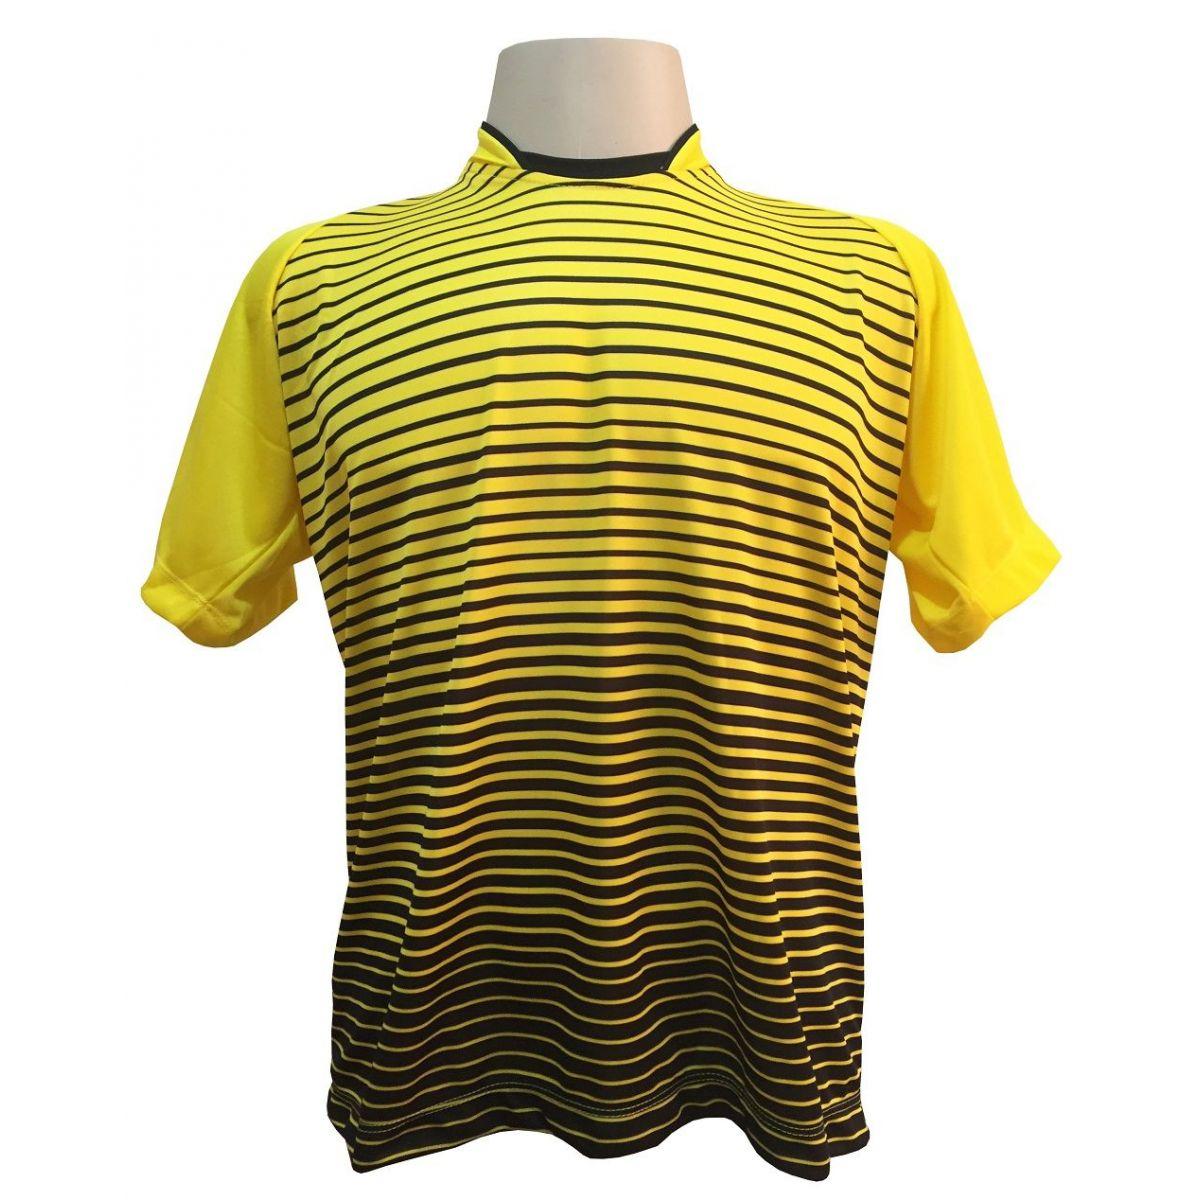 Uniforme Esportivo com 12 Camisas modelo City Amarelo/Preto + 12 Calções modelo Madrid Amarelo